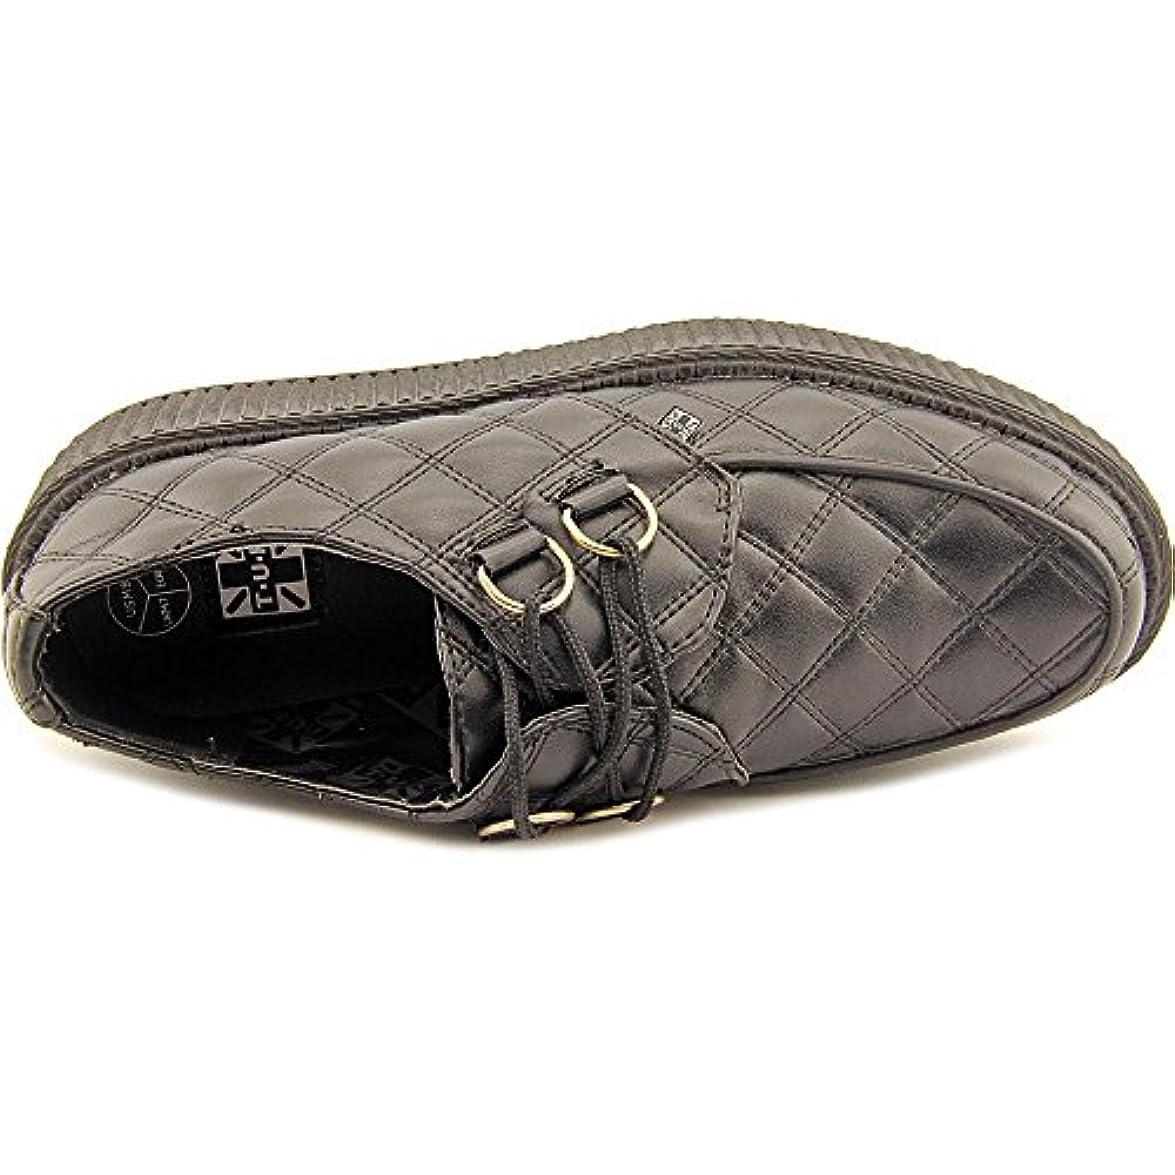 T u k - A8828 Sneaker Basse Donna